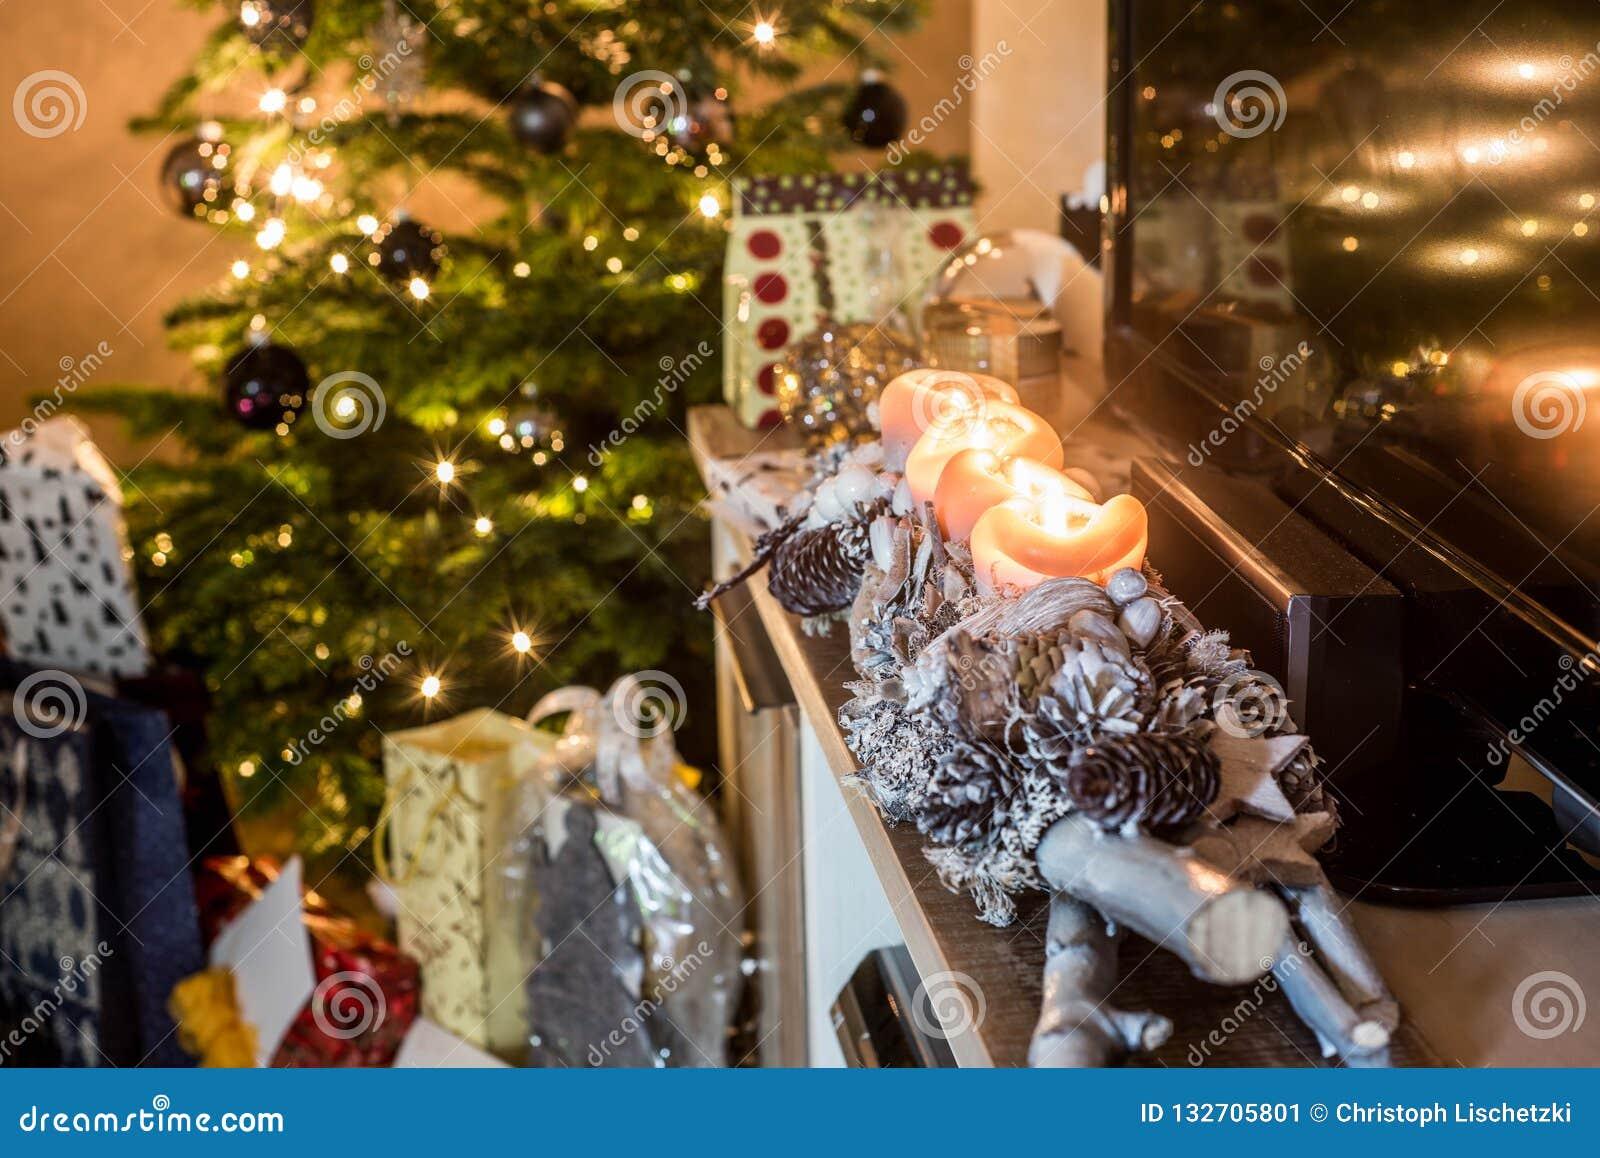 Quatro velas de queimadura do advento, luzes decoradas bonitas da instalação na árvore de Natal do fundo com presentes